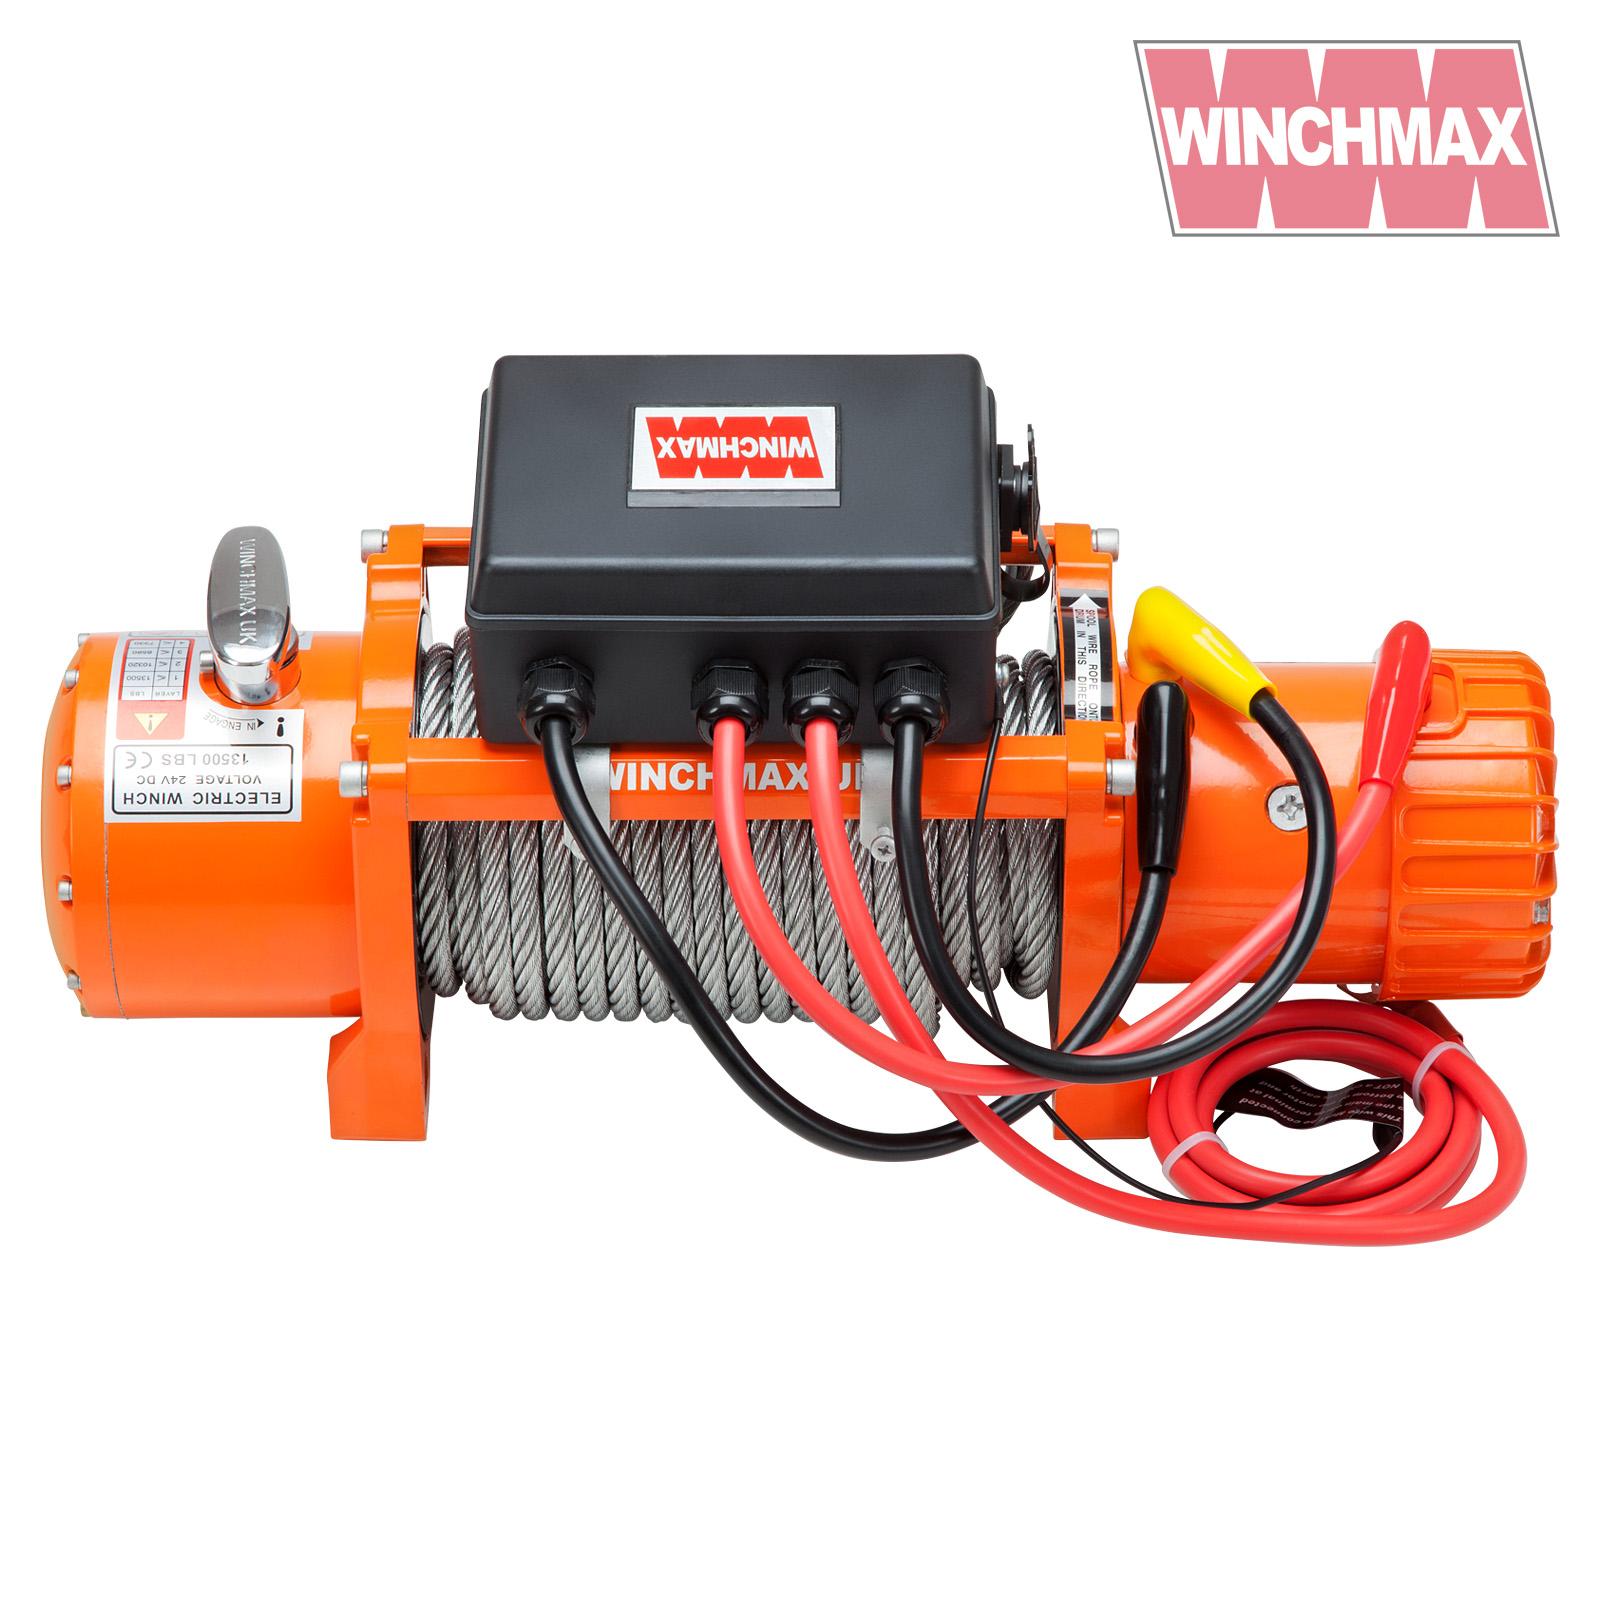 Wm1350024vr winchmax 05